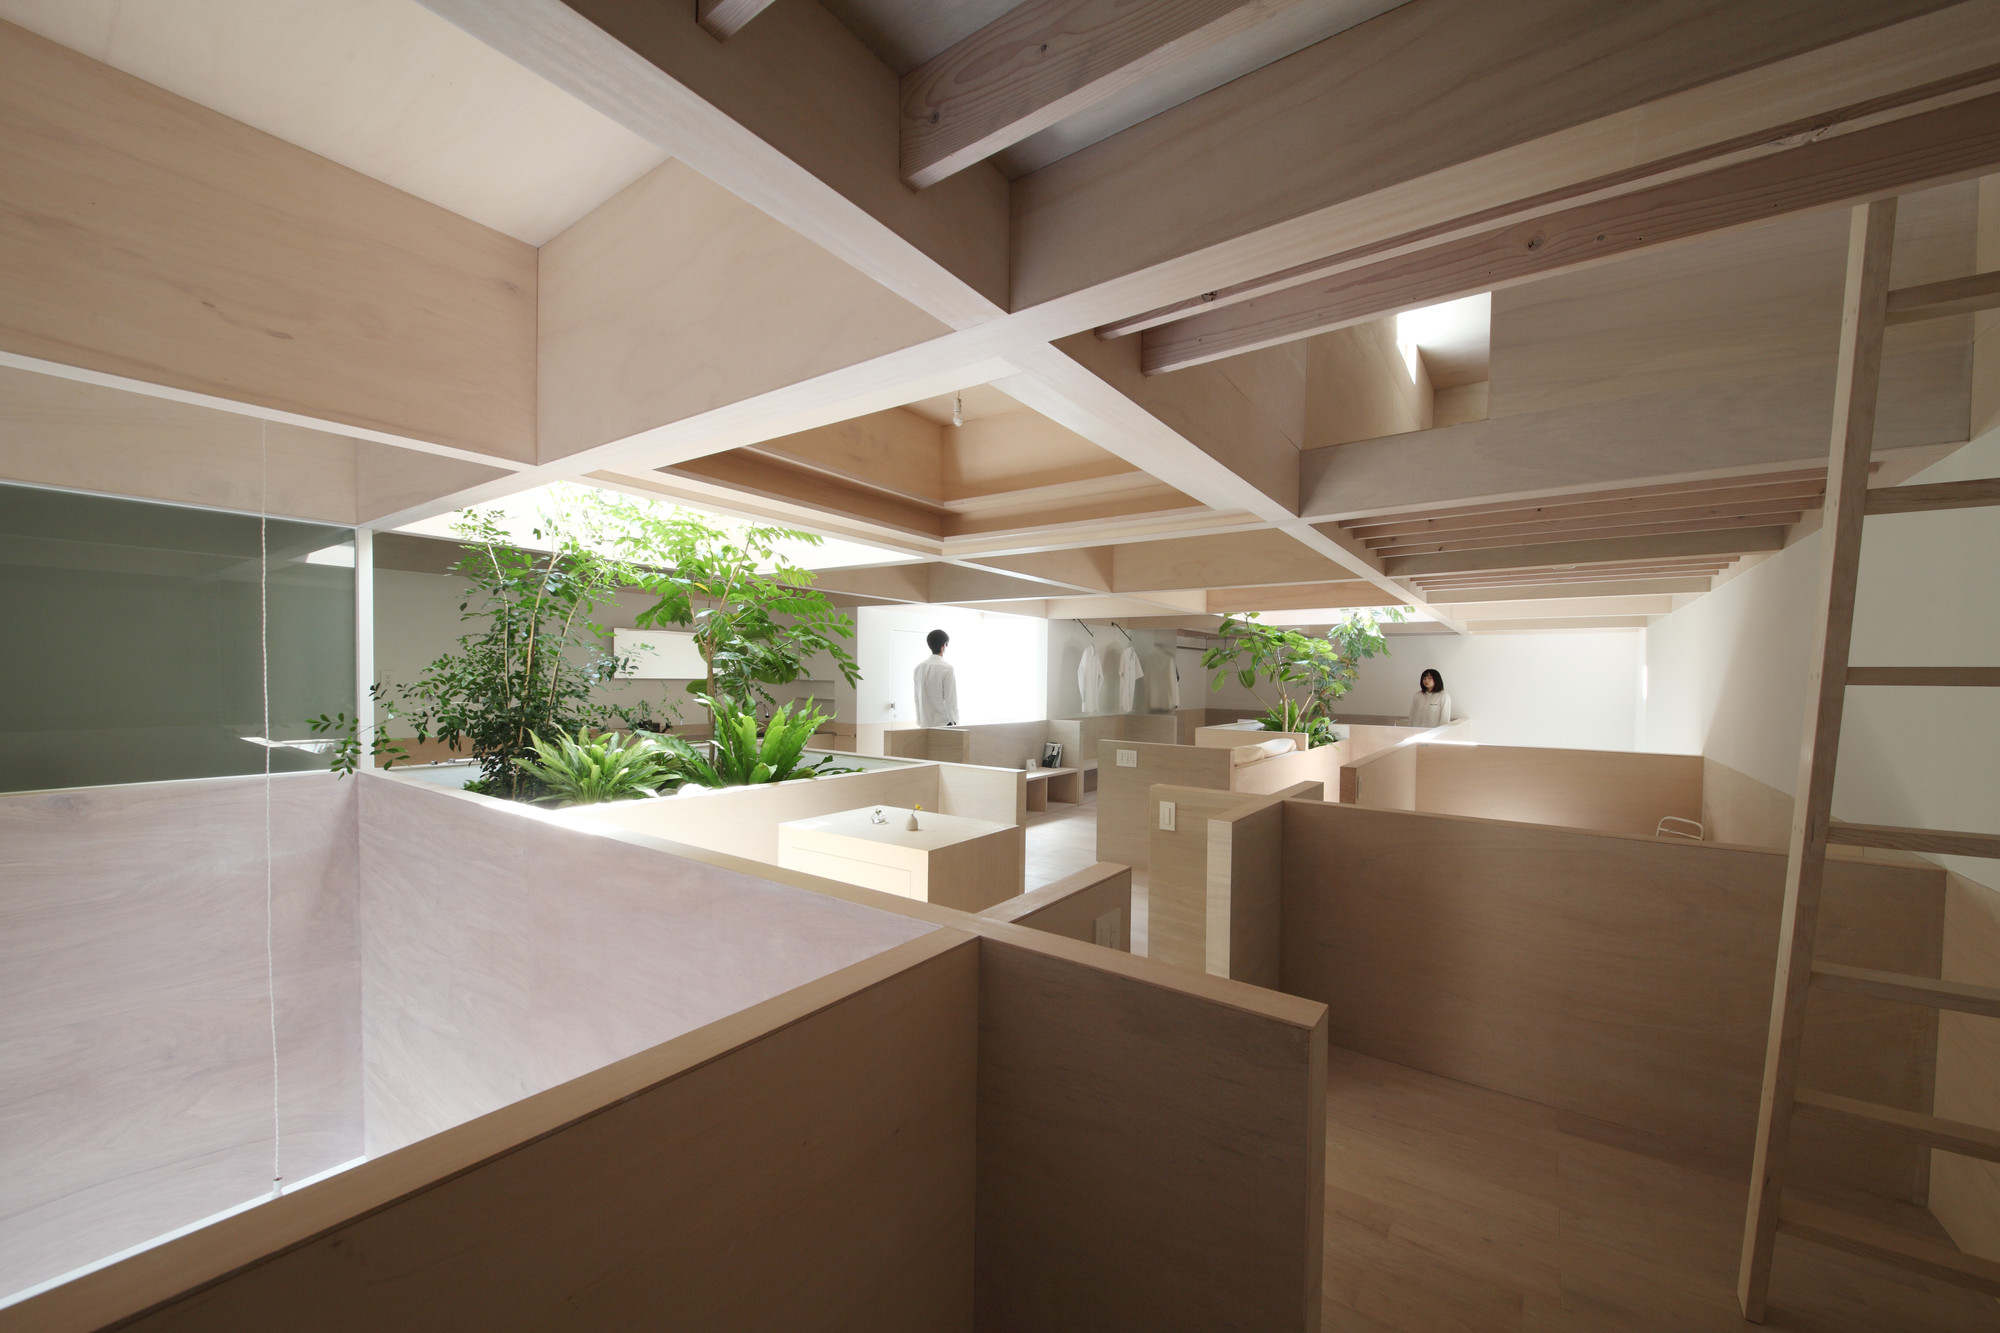 House in Hanekita / Katsutoshi Sasaki + Associates, Courtesy of Katsutoshi Sasaki + Associates